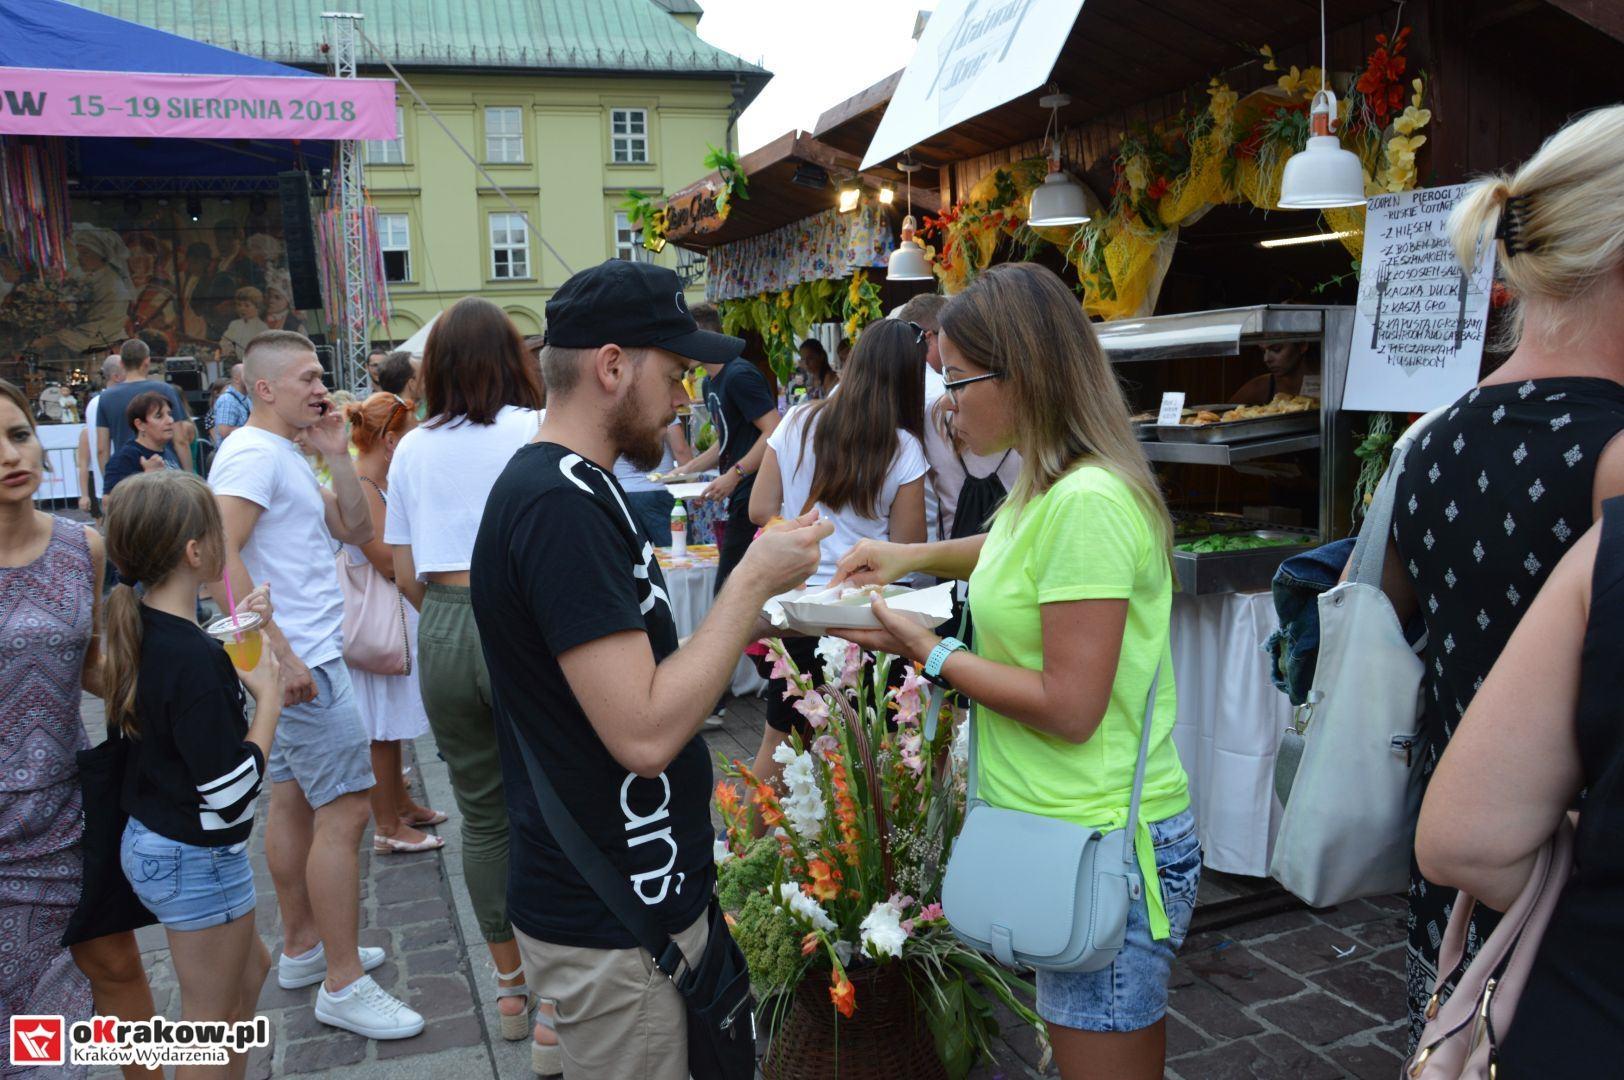 krakow festiwal pierogow maly rynek koncert cheap tobacco 61 150x150 - Galeria zdjęć Festiwal Pierogów Kraków 2018 + zdjęcia z koncertu Cheap Tobacco